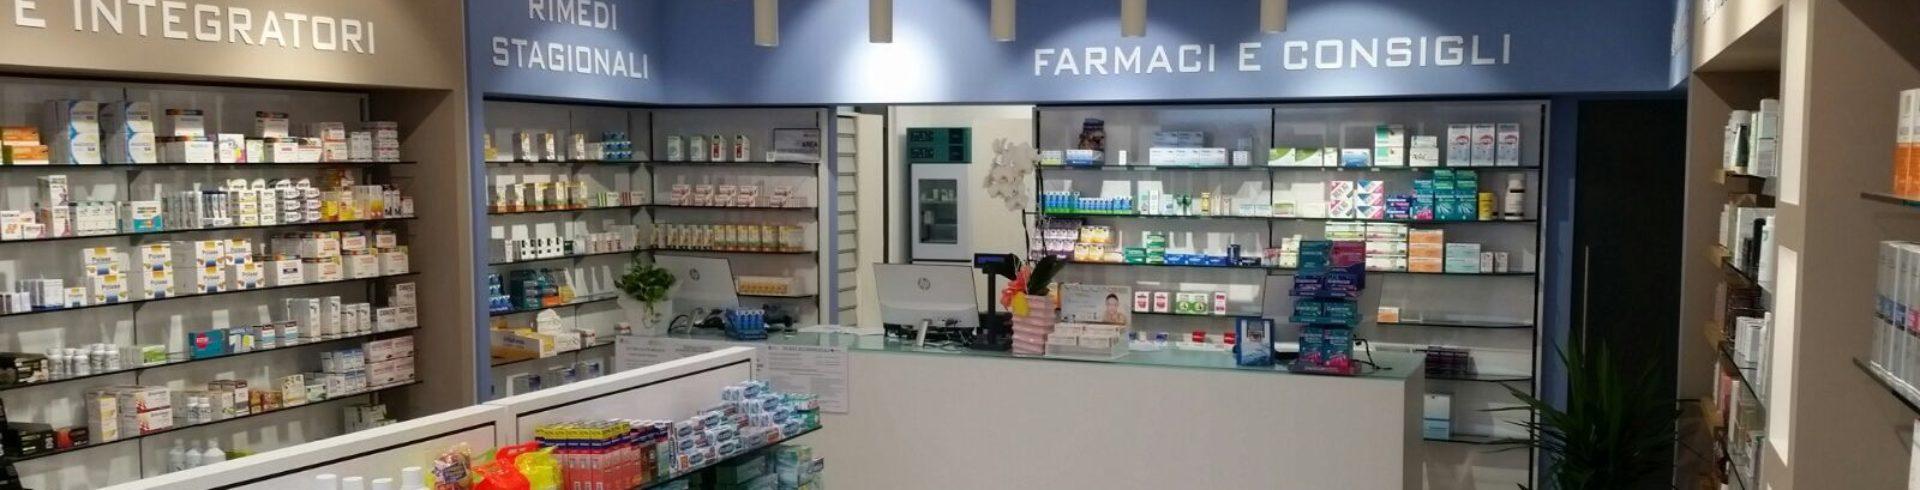 interno Farmacia San Bassiano lodi